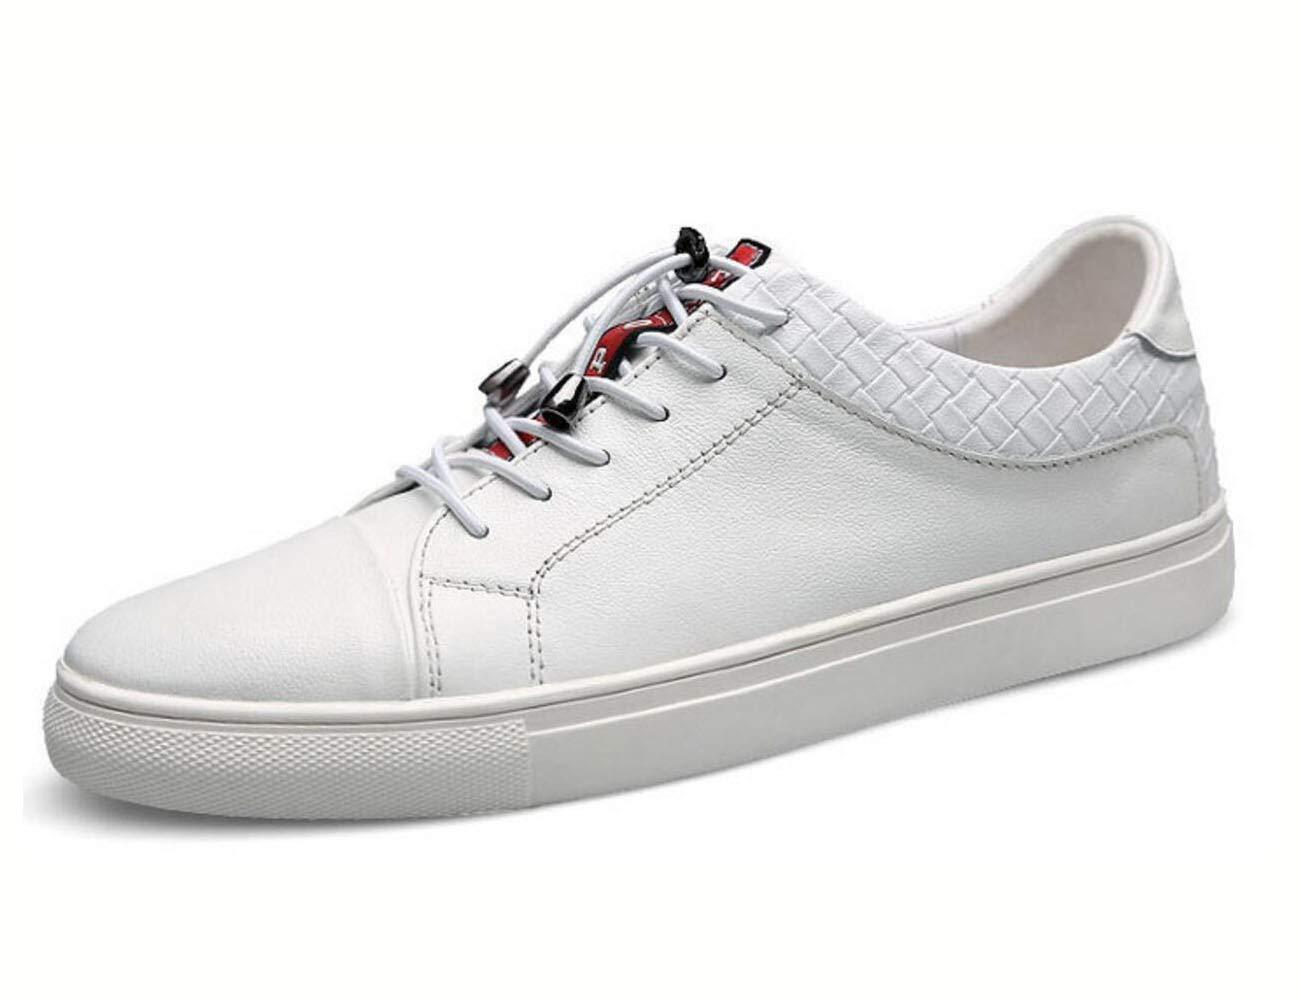 Capa Zapatos Primera Para Zx De Hombre Piel Jiang nSgU8qxTS